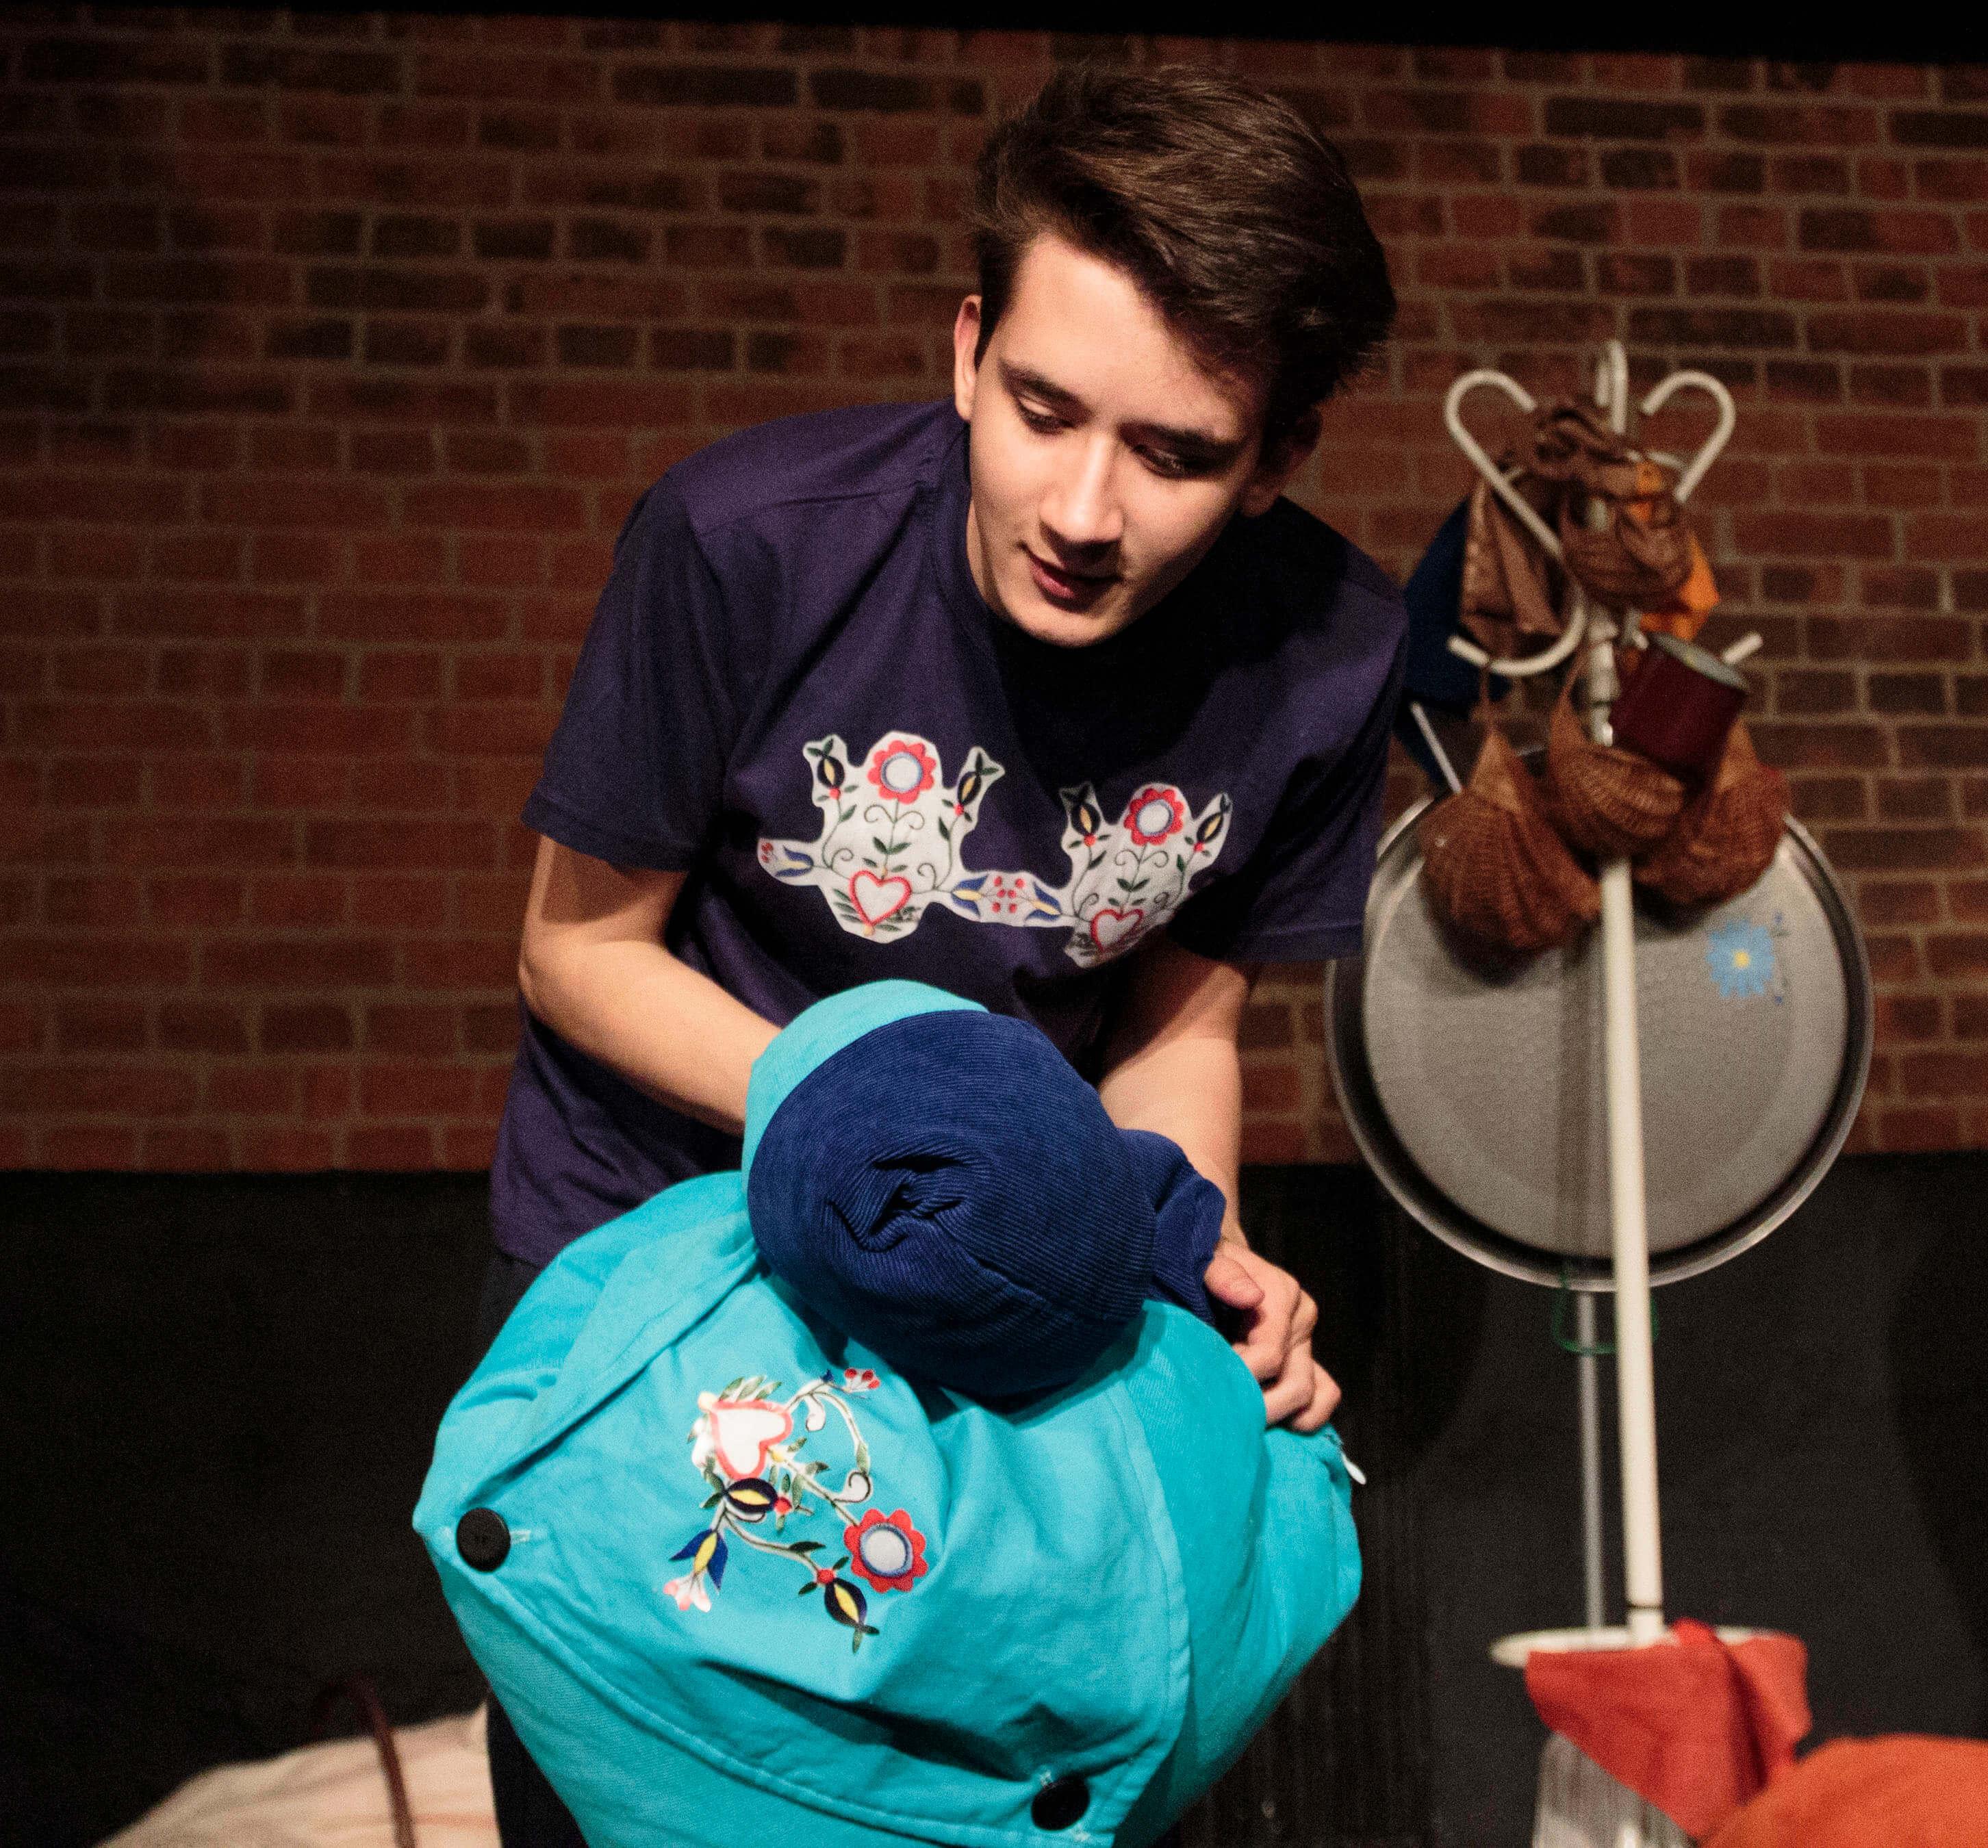 Zdjęcie ze spektaklu Tymoteusz Rym Cim Cim. Aktor w granatowej koszulce z kaszubskim wzorem trzyma przed sobą niebieska poduszkę.